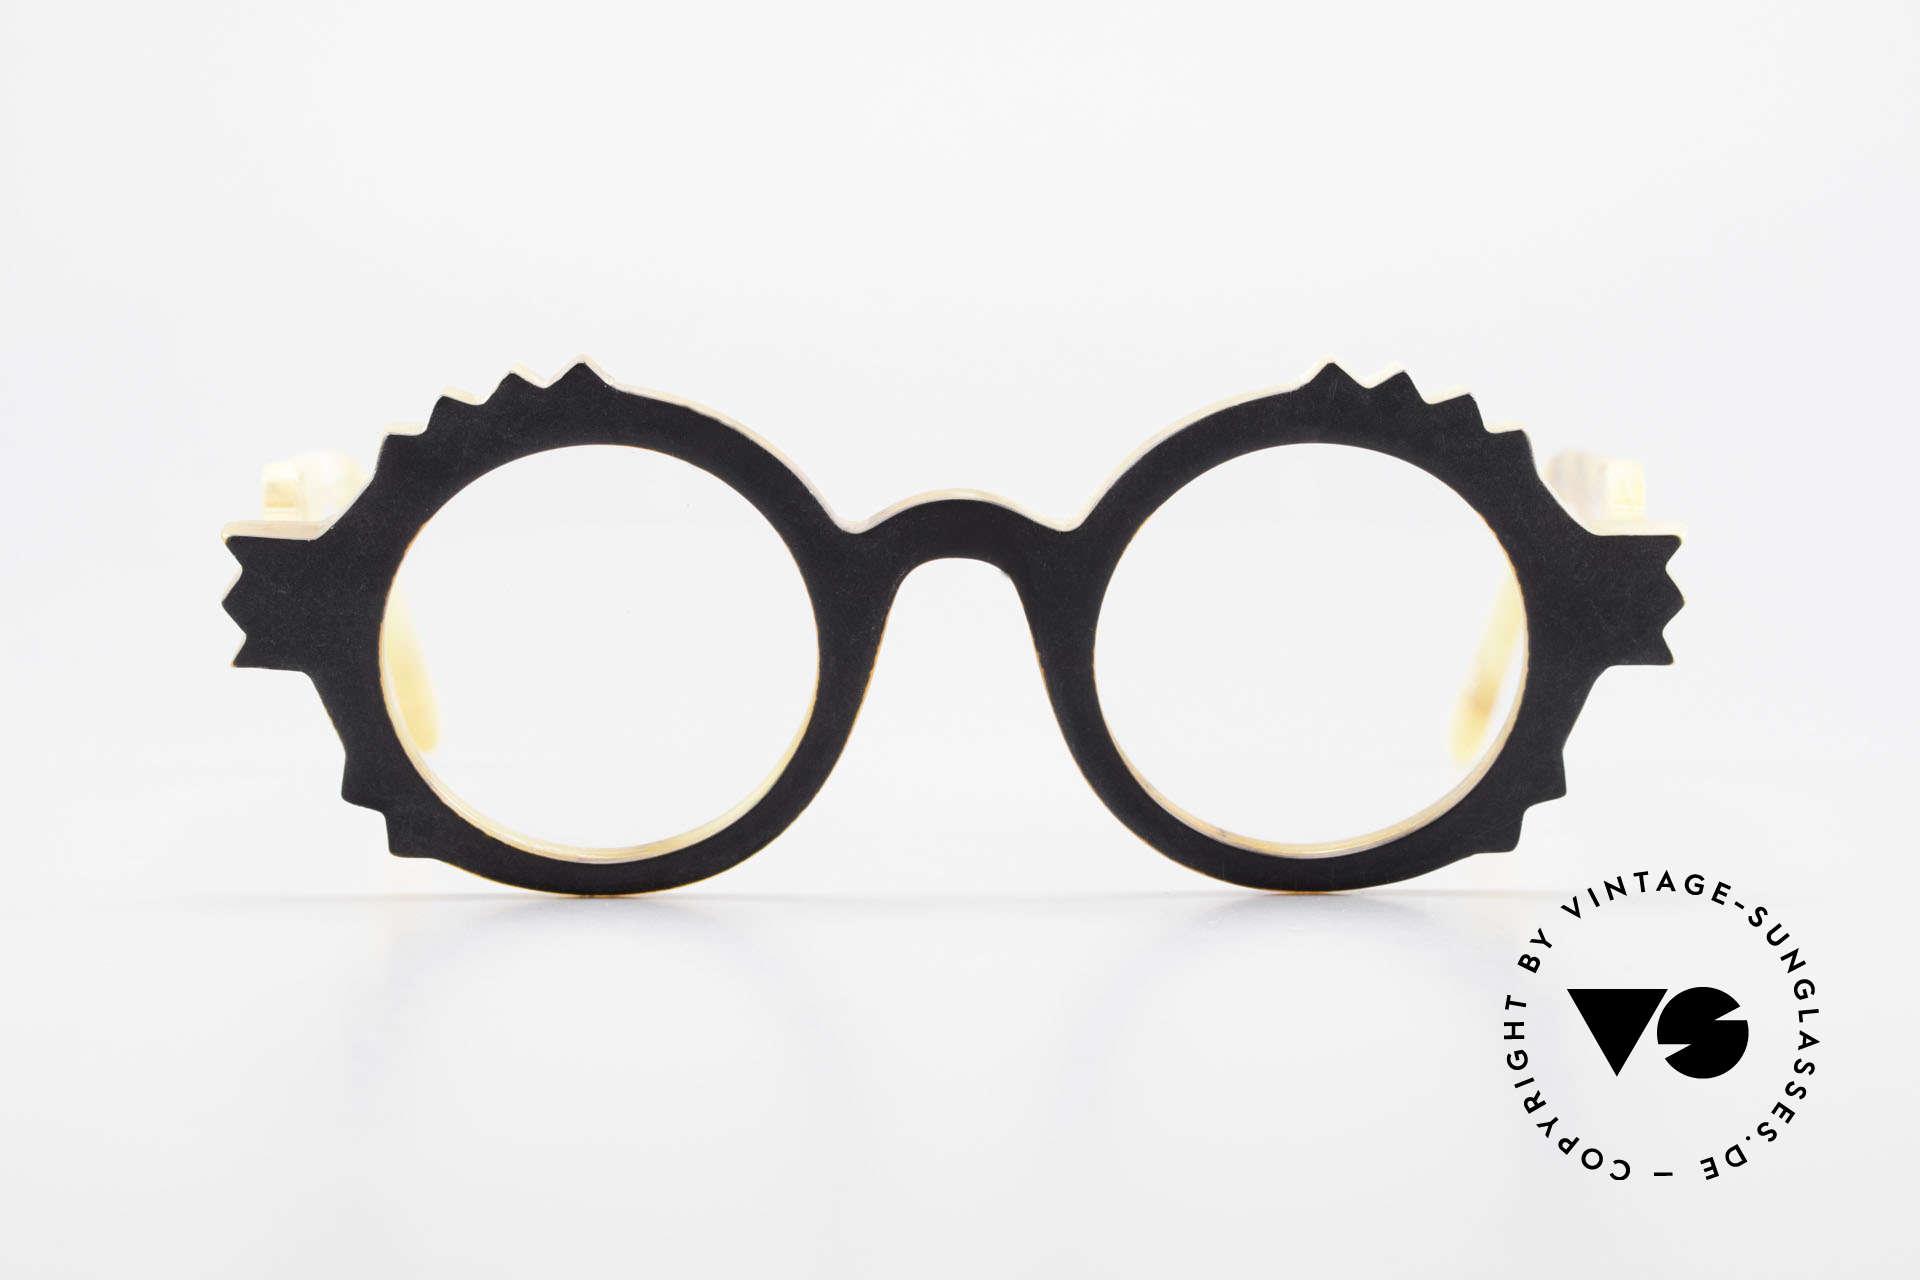 Anne Et Valentin Herrison Kunstvolle 80er Vintage Brille, das Ehepaar Anne (Künstlerin) und Valentin (Optiker), Passend für Damen